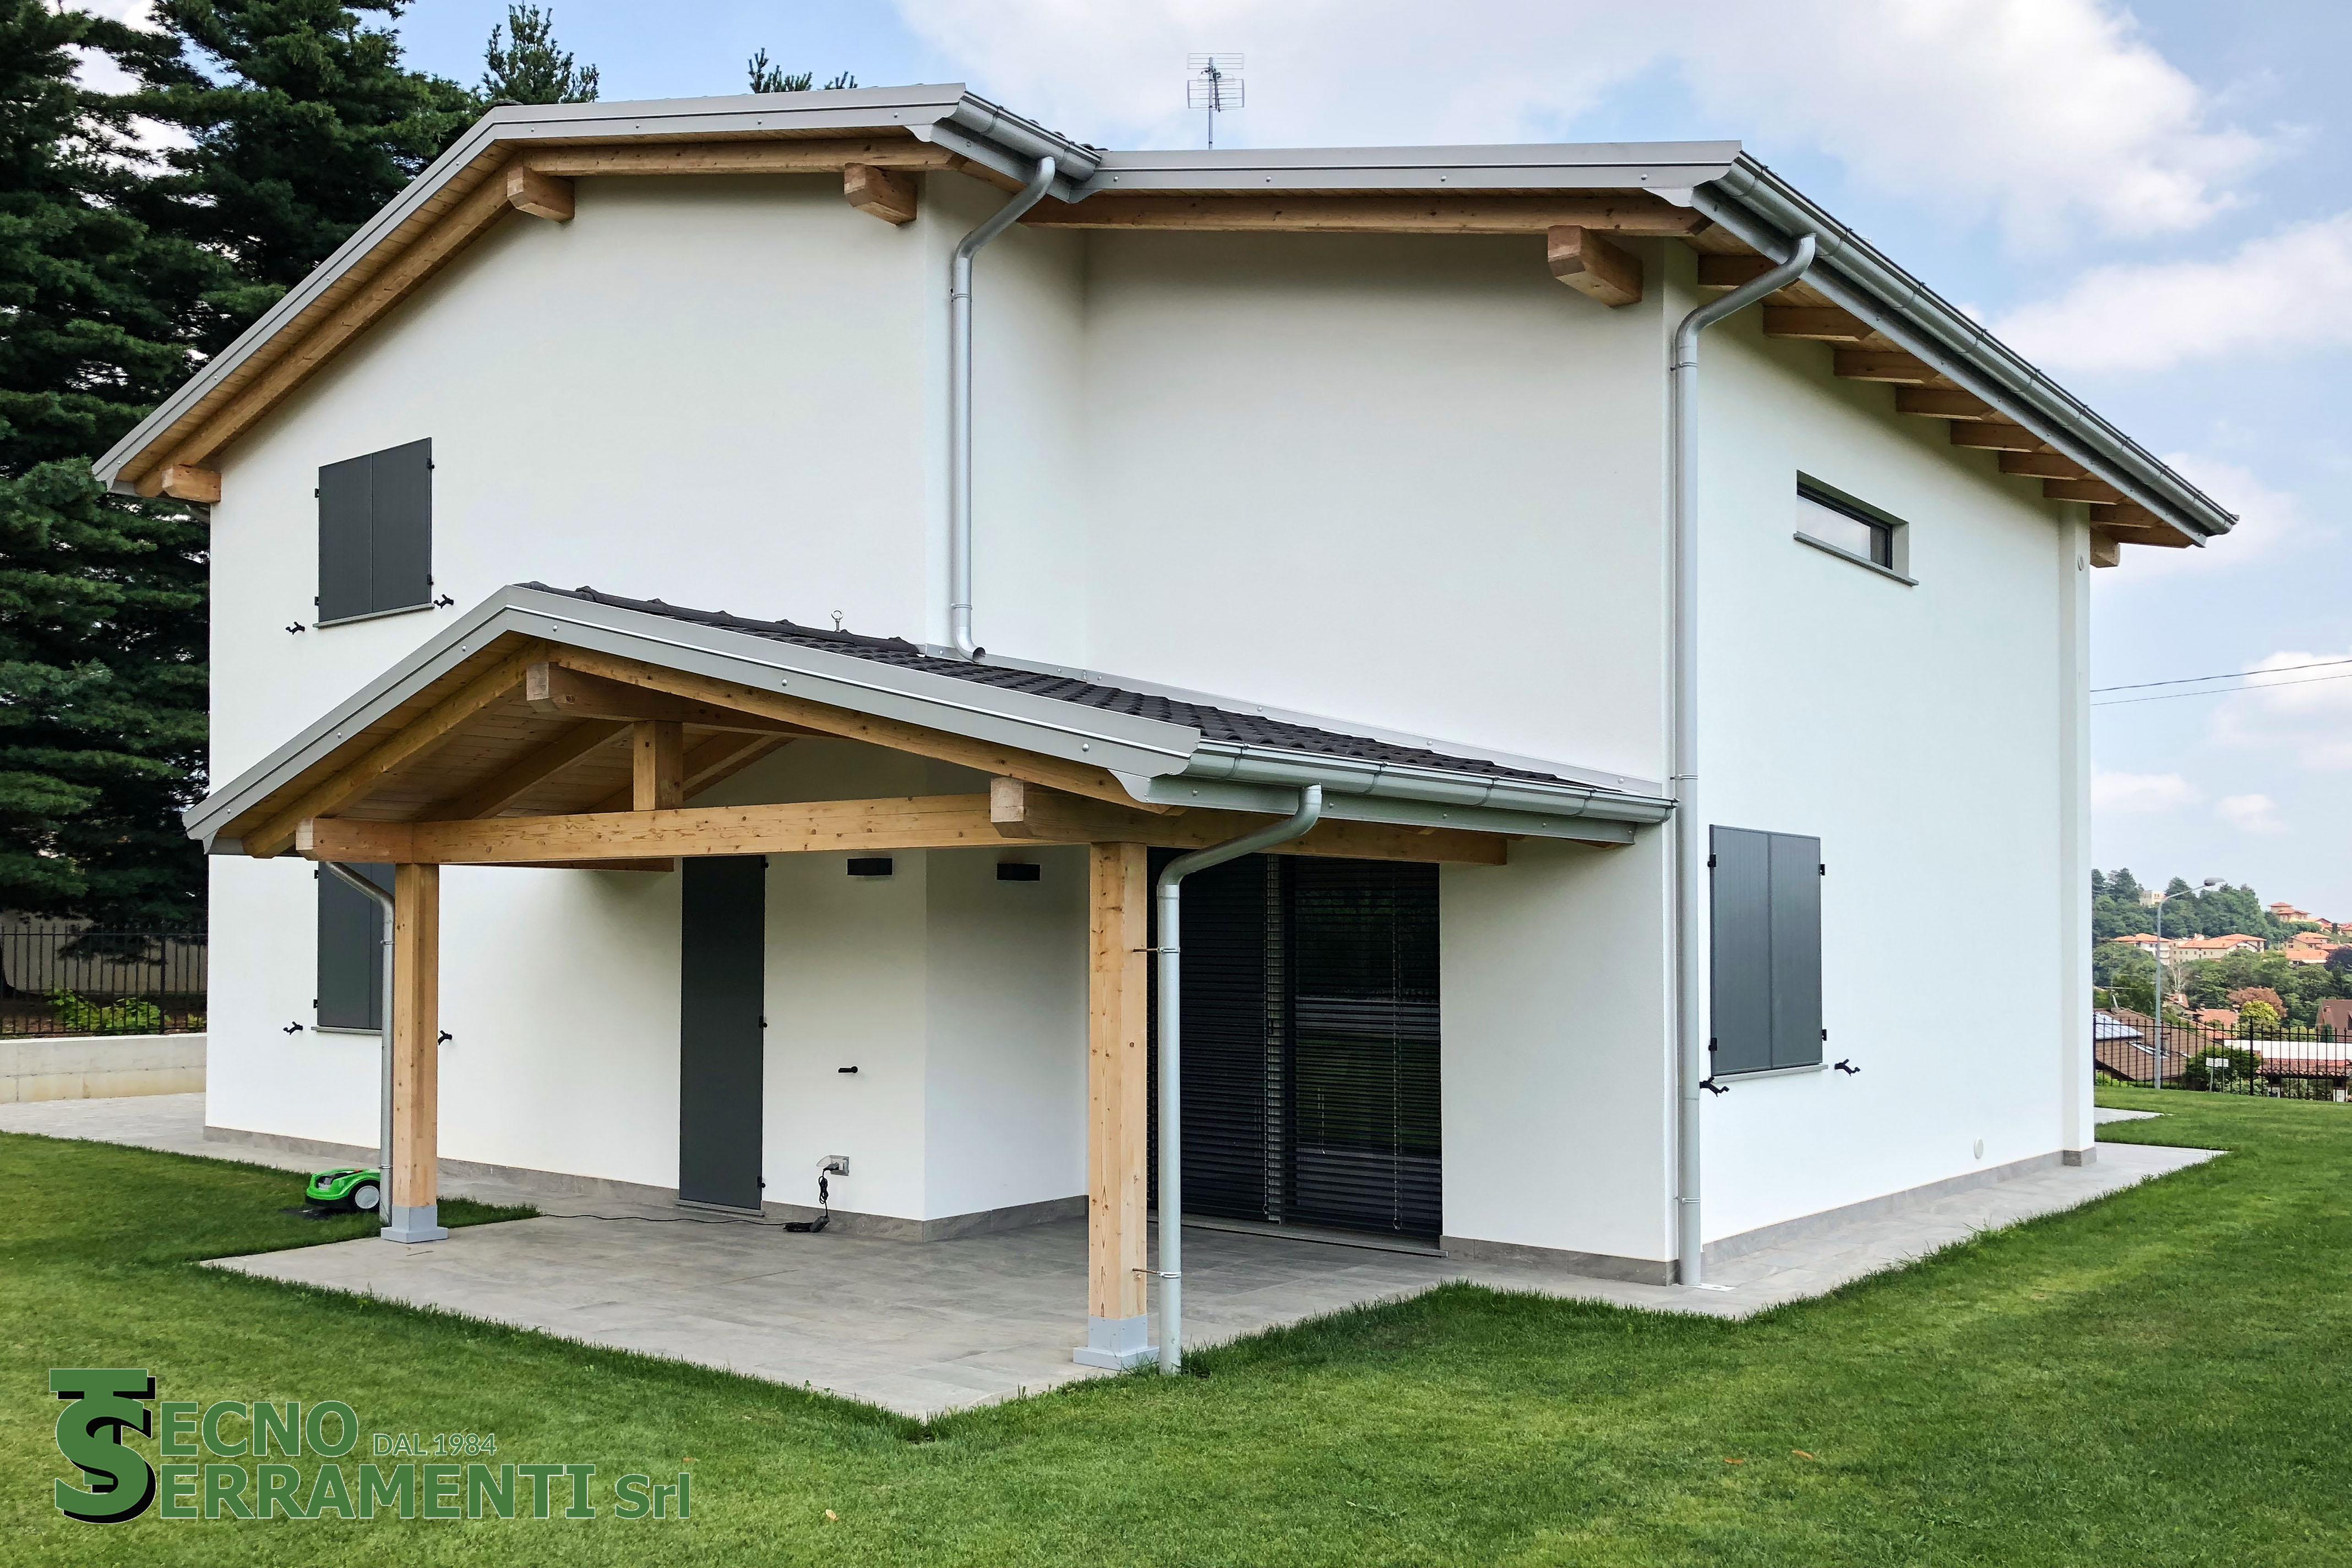 Abitazione privata: serramenti in legno, antoni, frangisole, scala in legno, porte interne